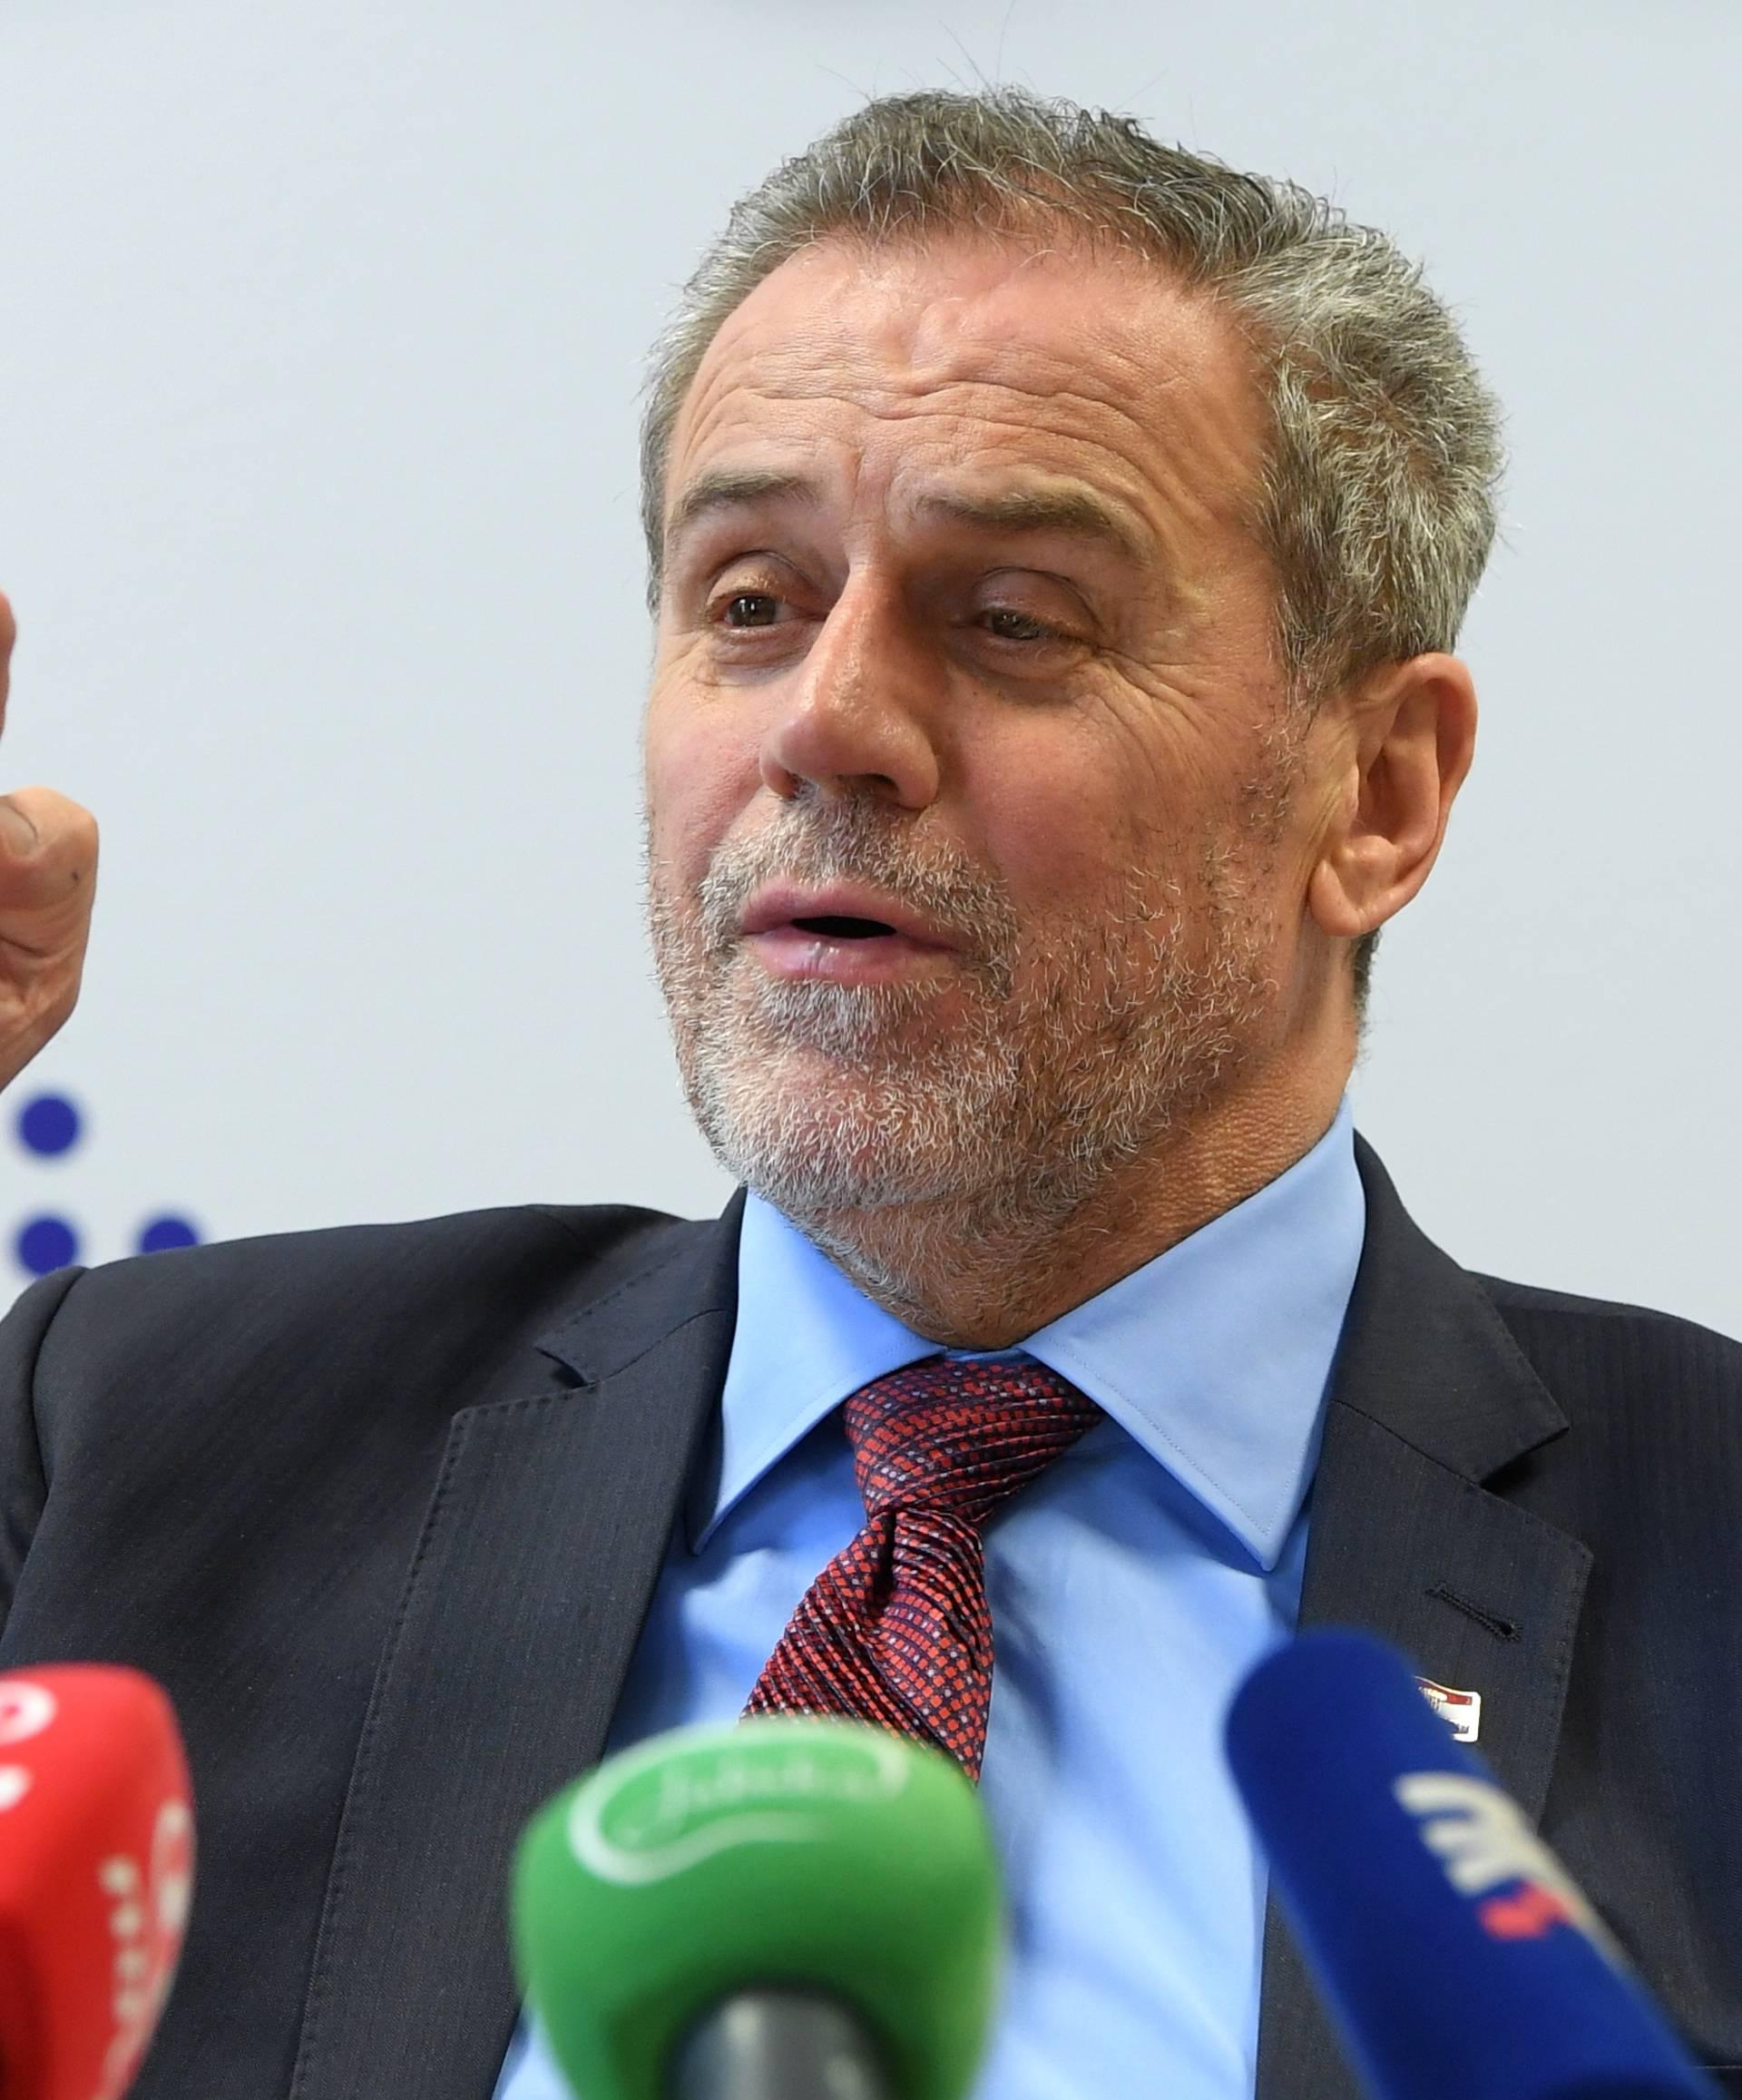 Zagrebački model demografske politike preslikati na Hrvatsku